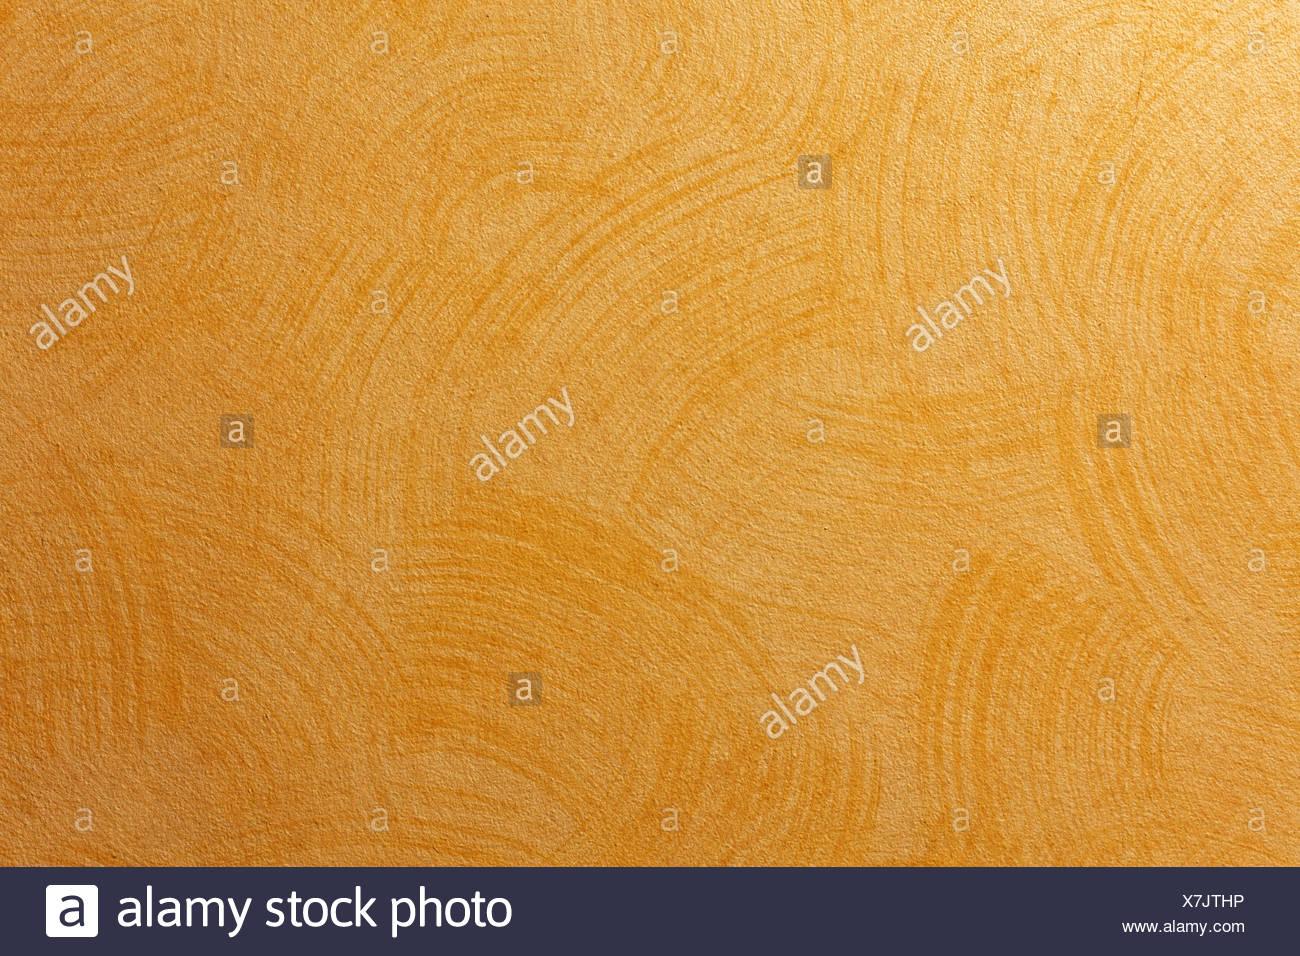 Wandgestaltung  mit feinen Zügen einer Bürste auf einer helleren Wand, in Orange. - Stock Image